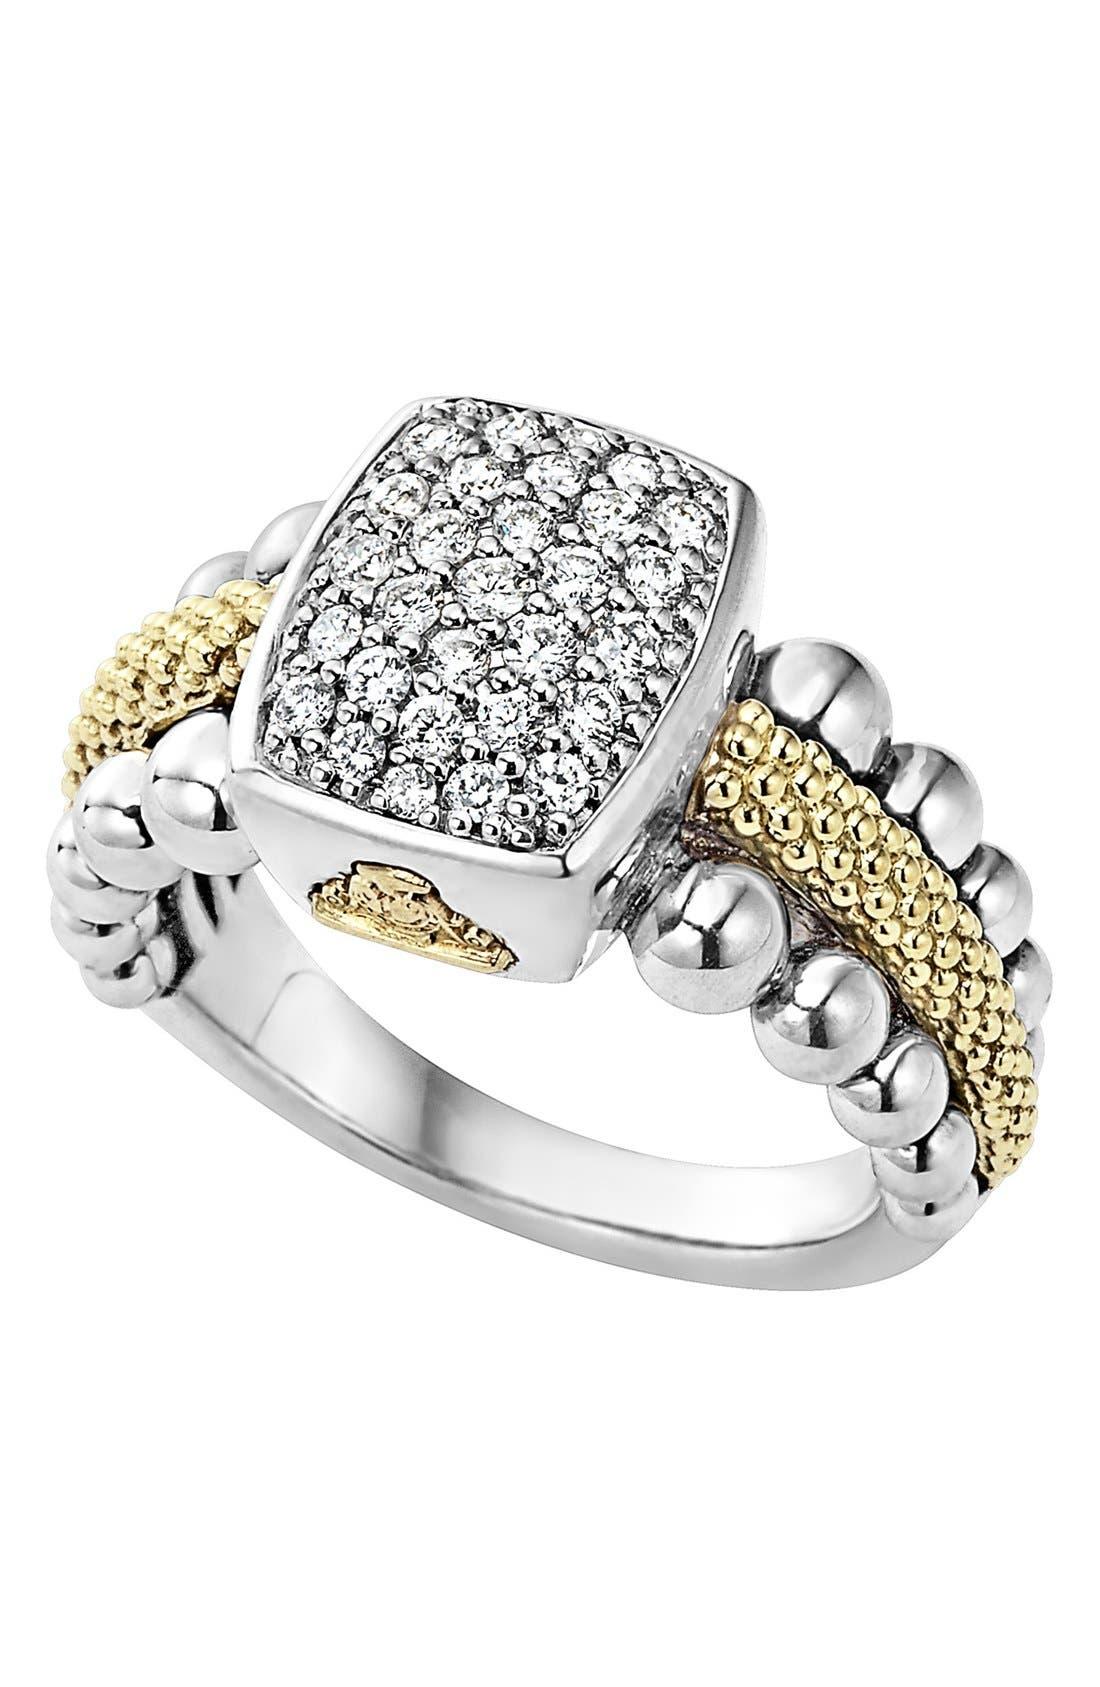 Diamond Caviar Square Ring,                             Main thumbnail 1, color,                             040